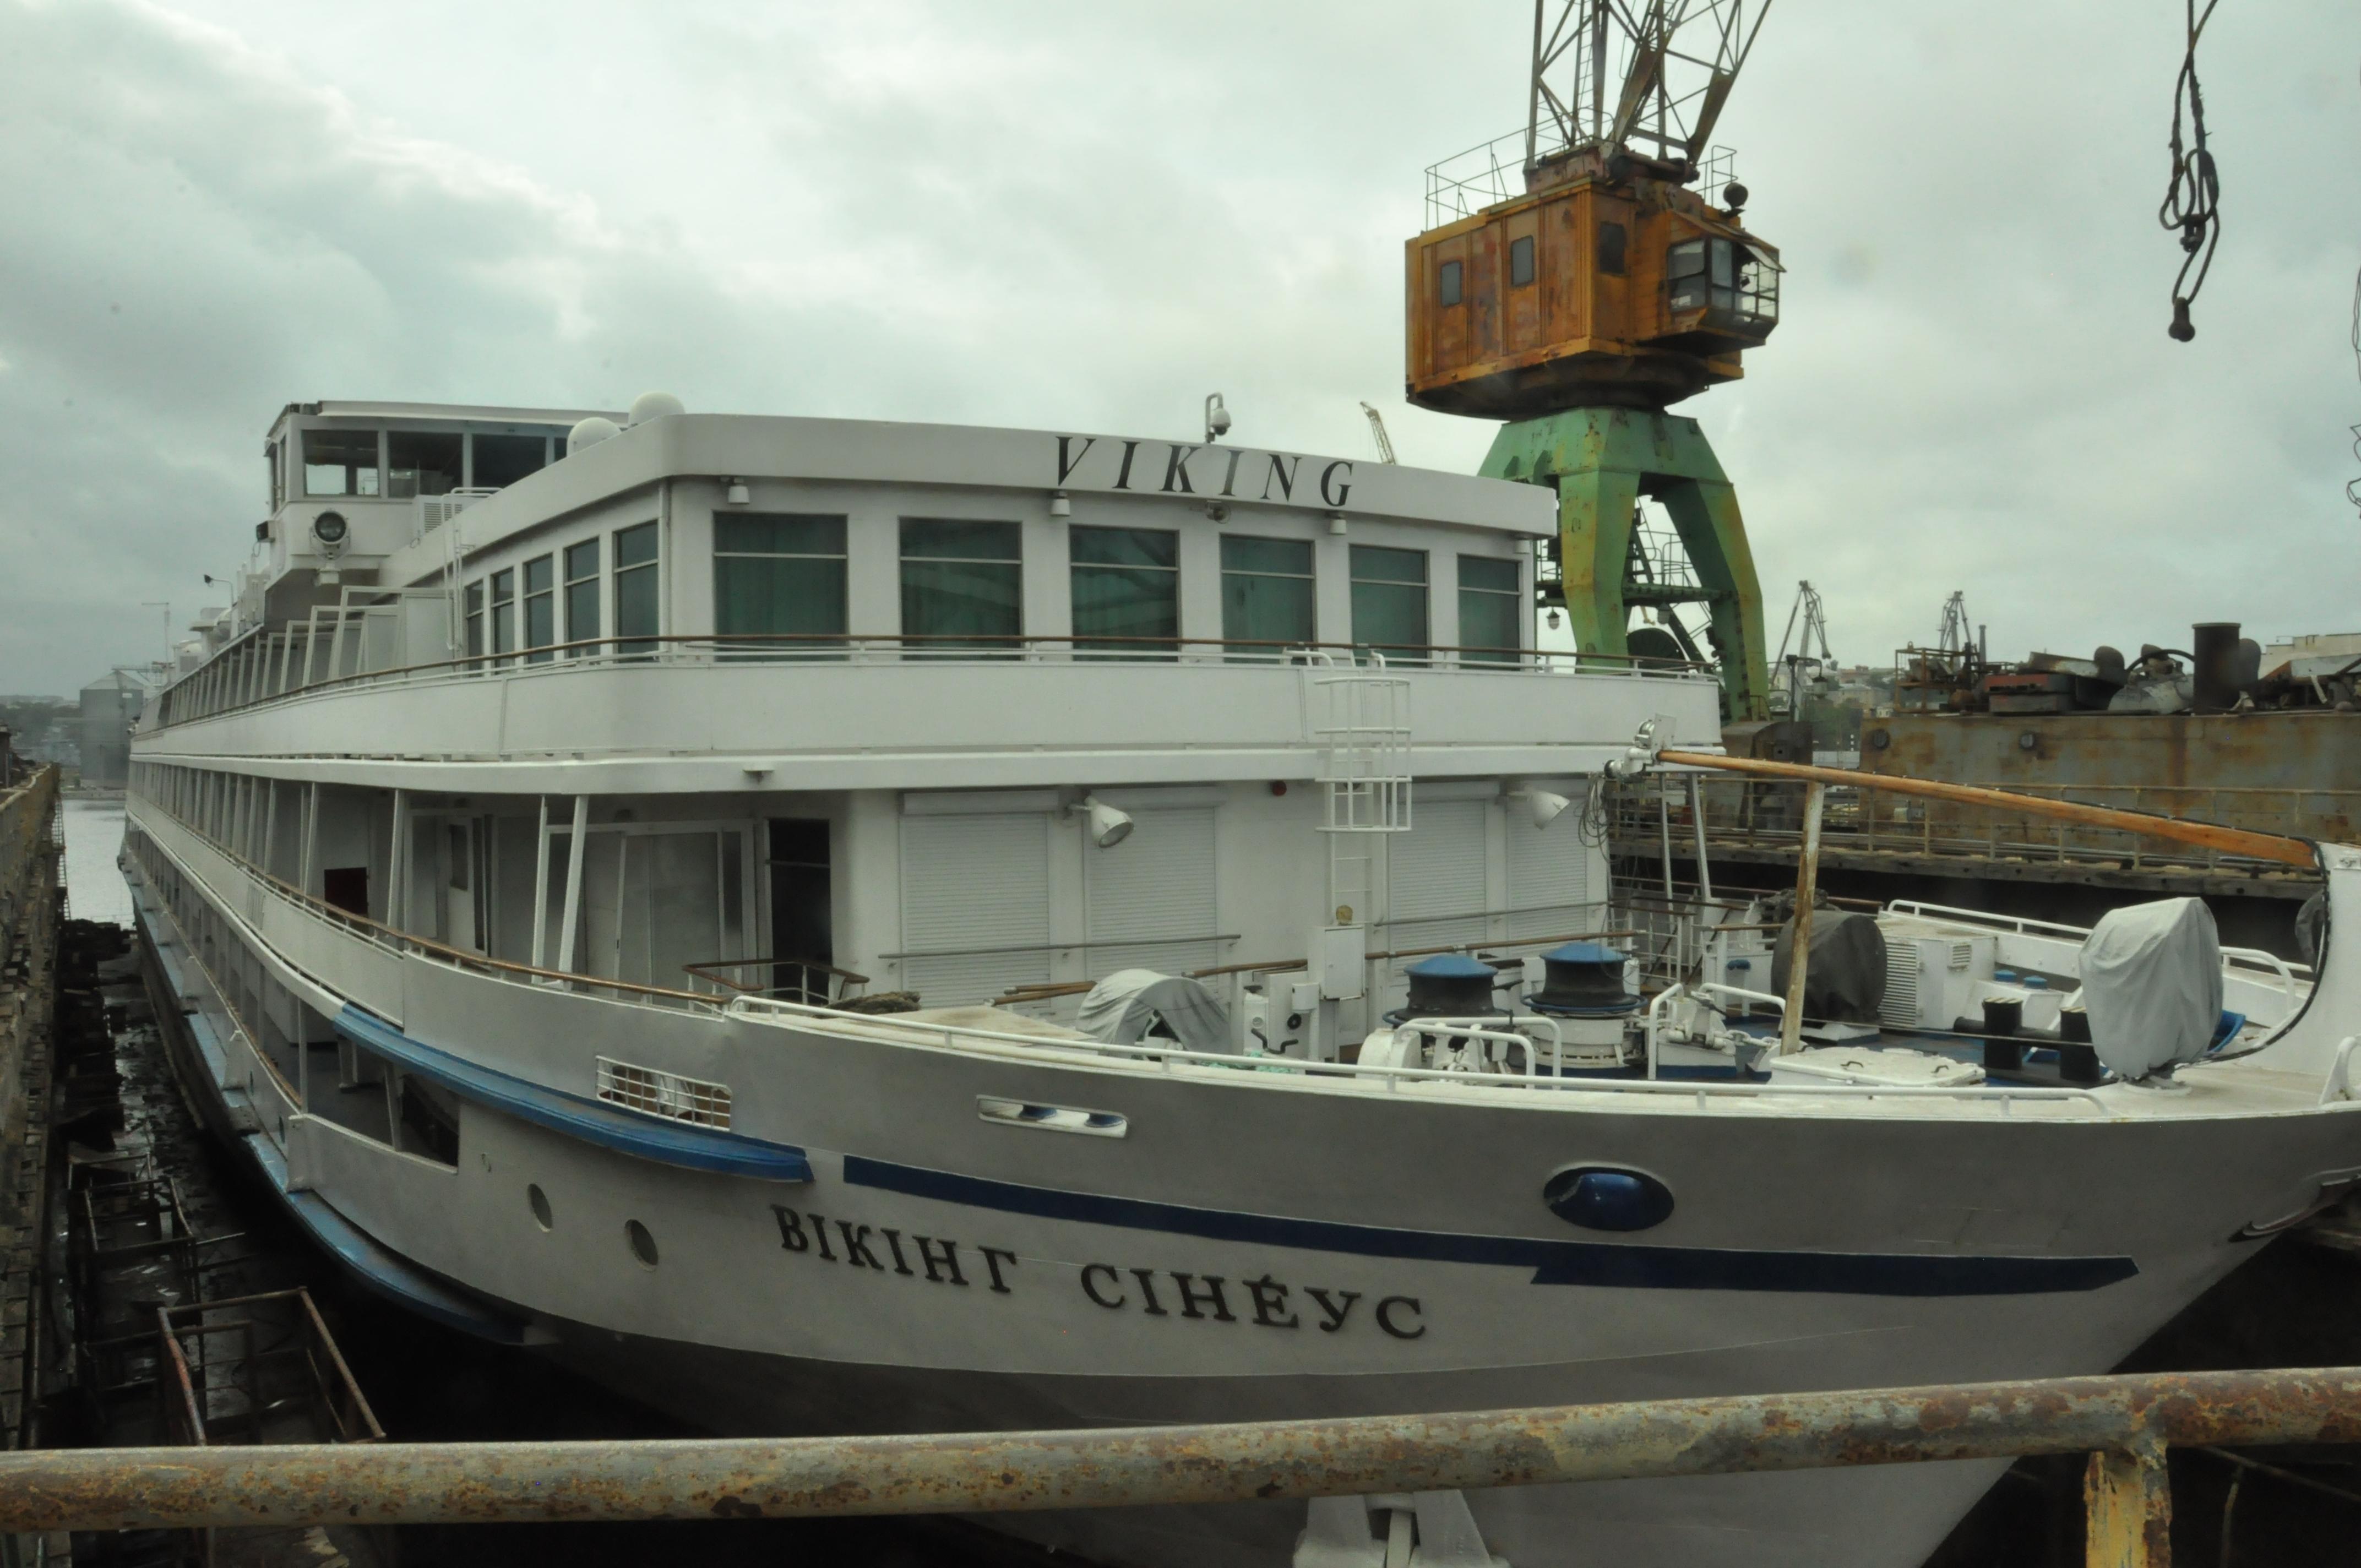 Док №2 прийняв на палубу пасажирський лайнер «Вікінг Сінеус»